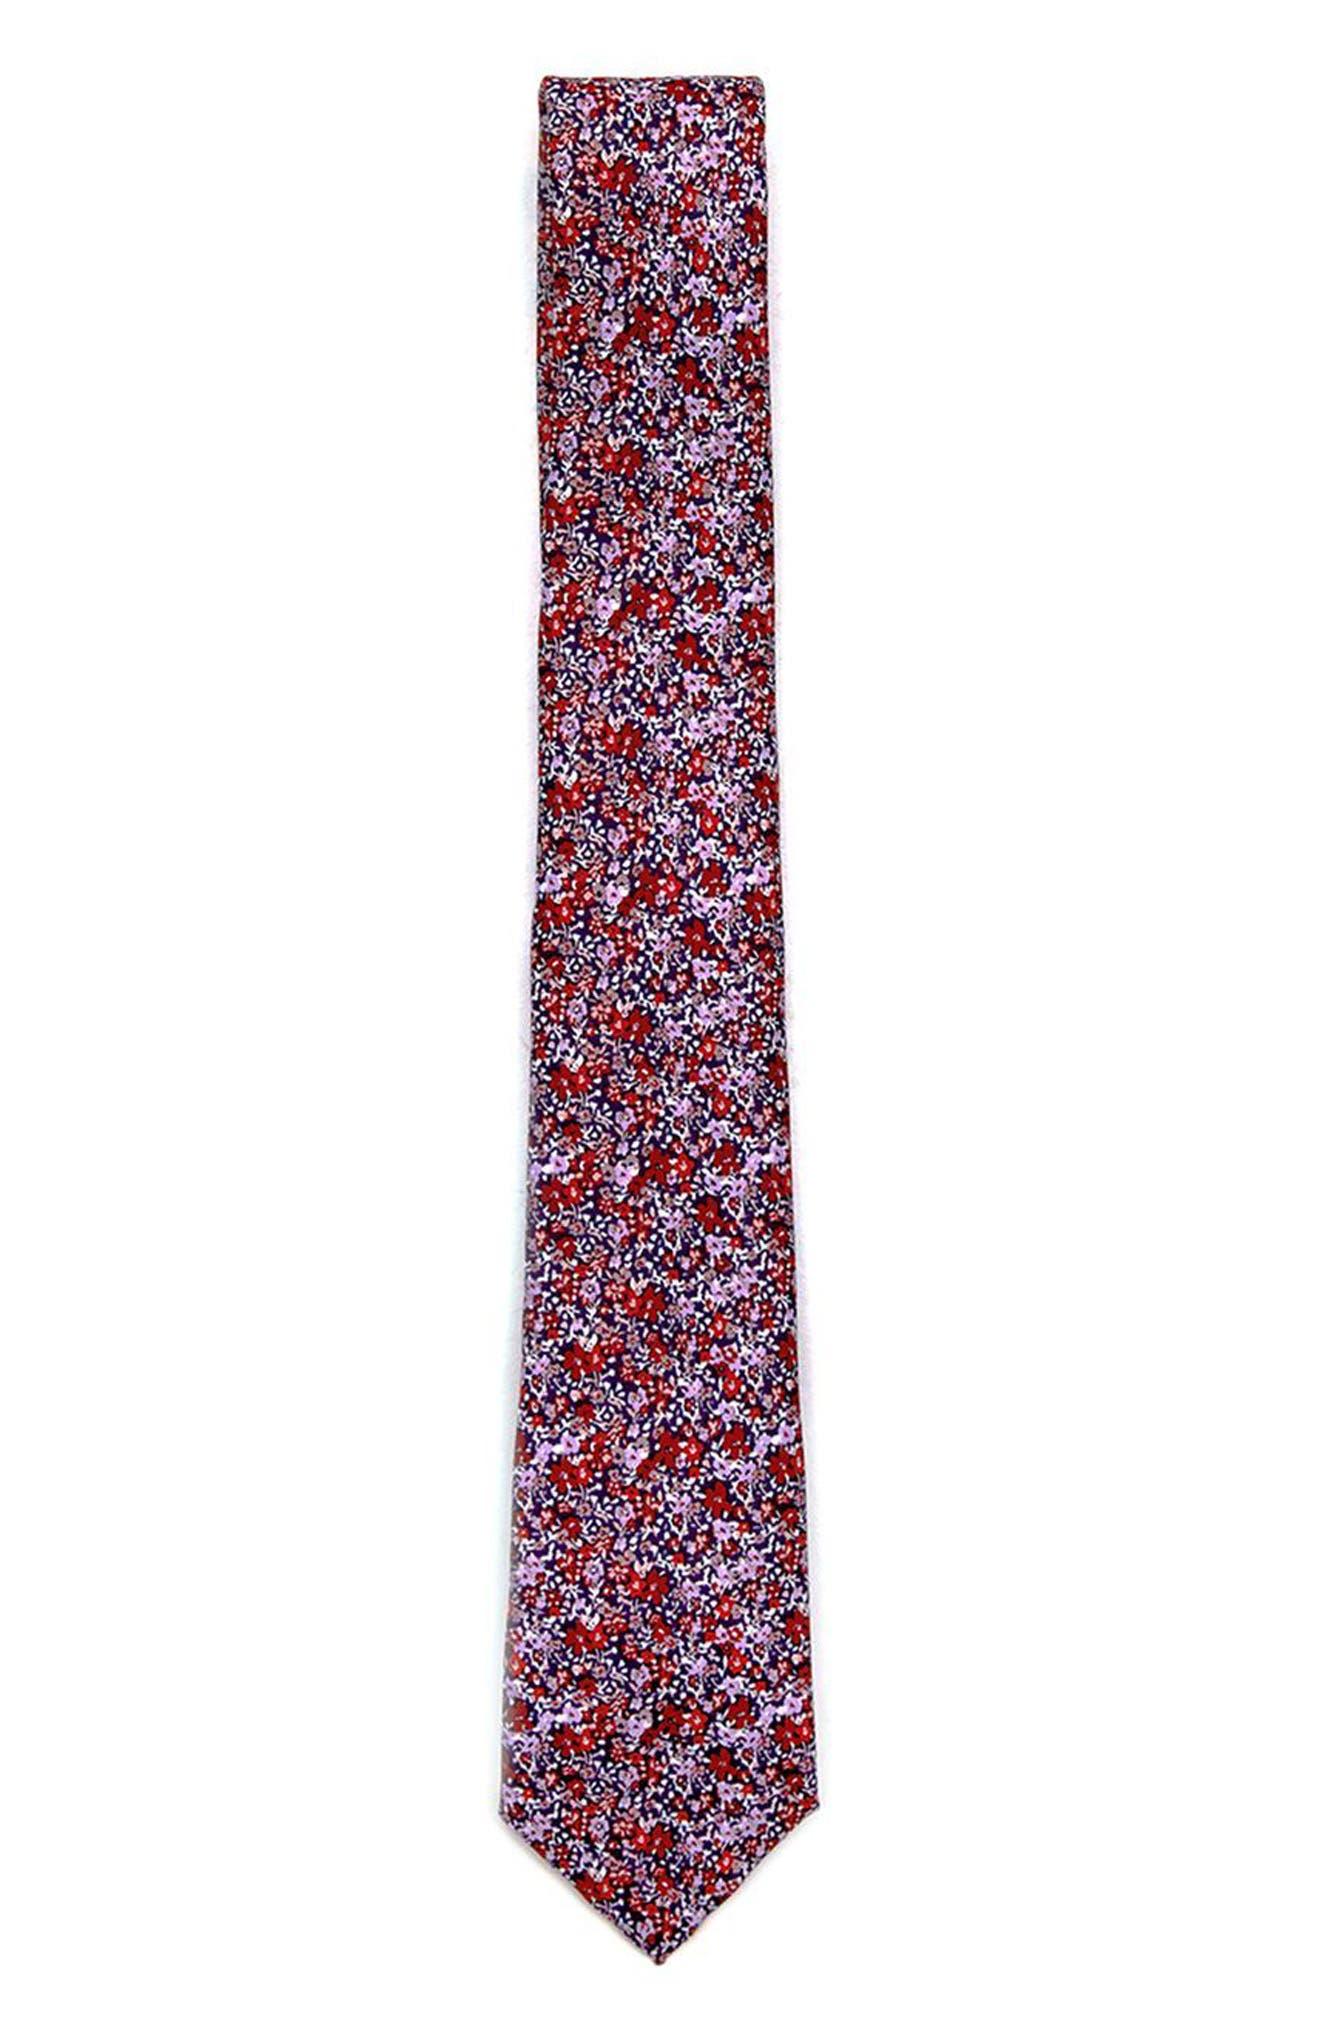 Topman Floral Print Tie